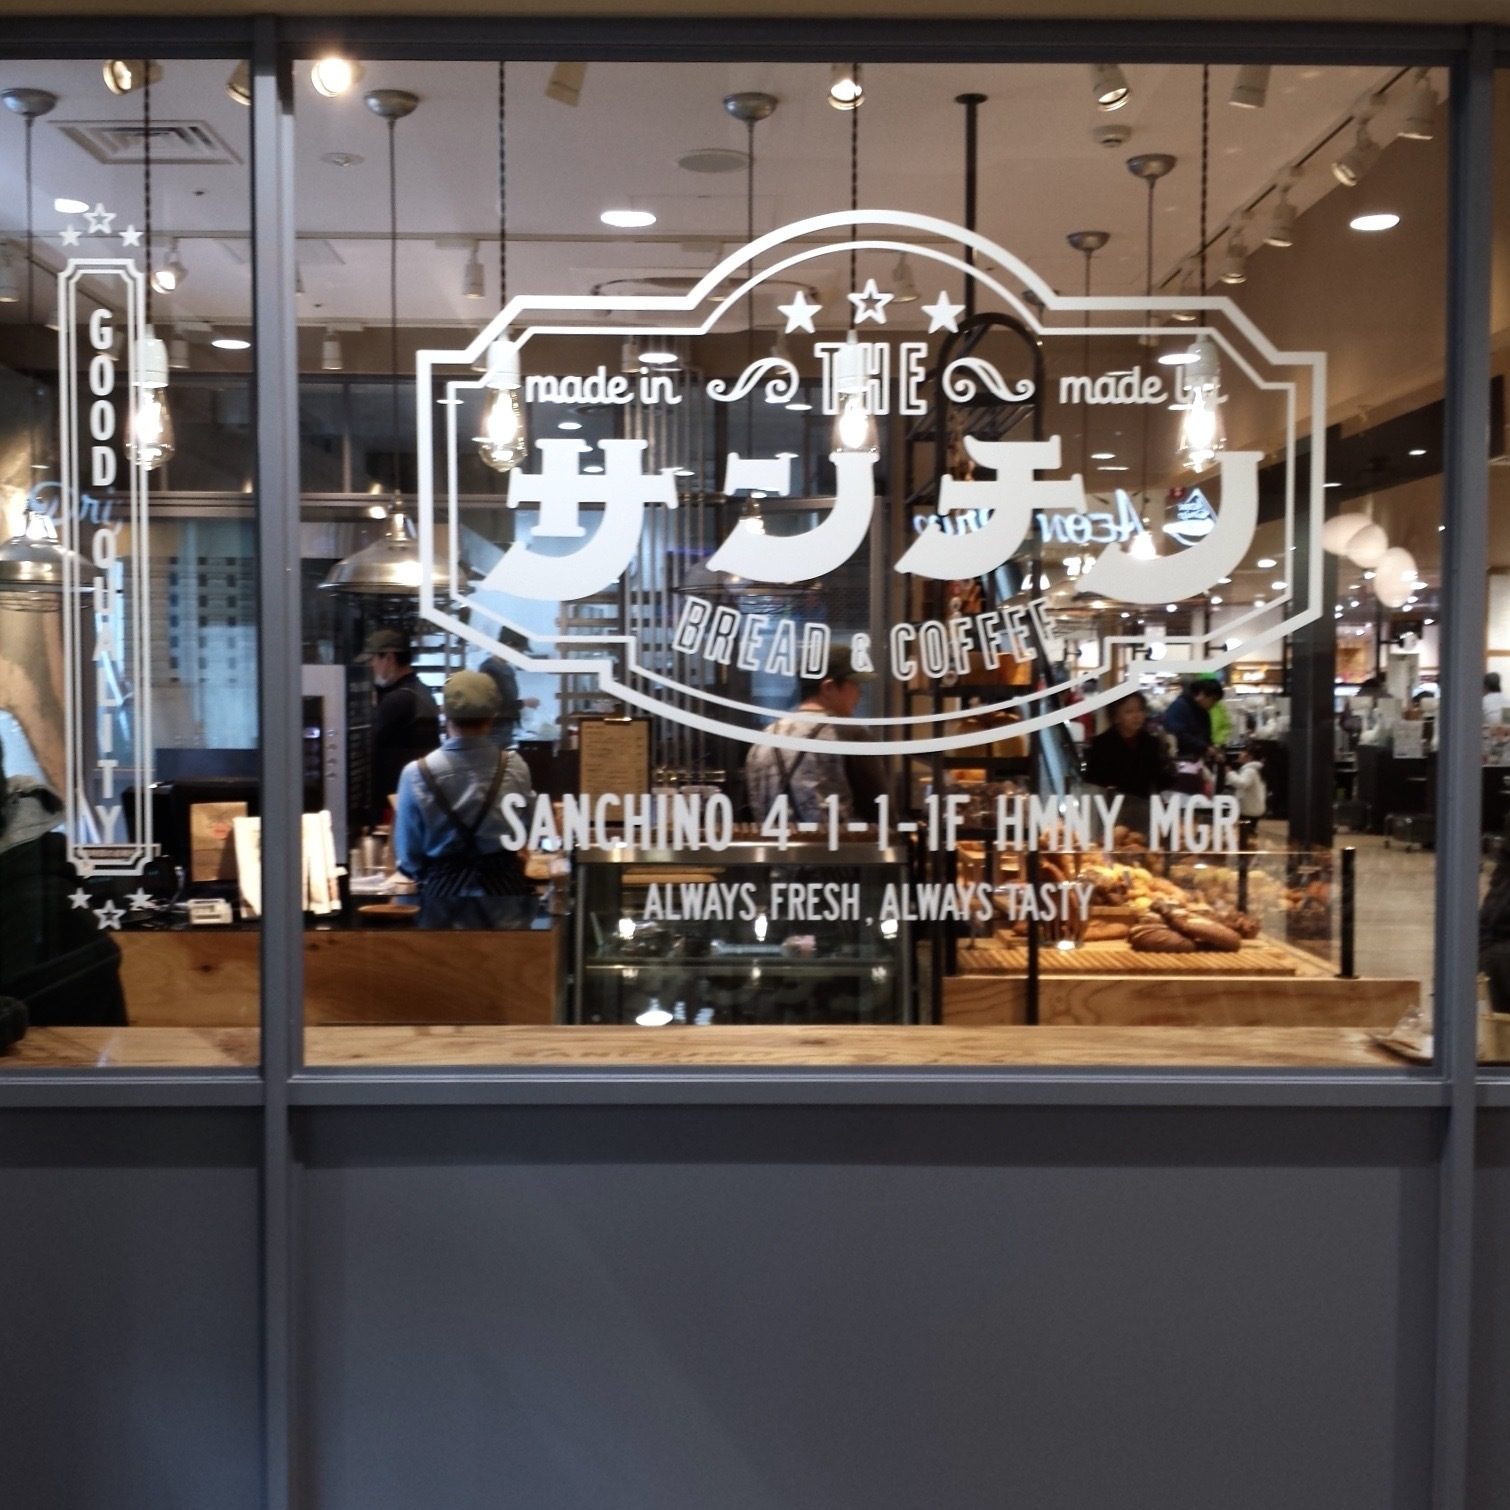 人気のパン屋365日の新形態、その名も『サンチノ』_1_1-2